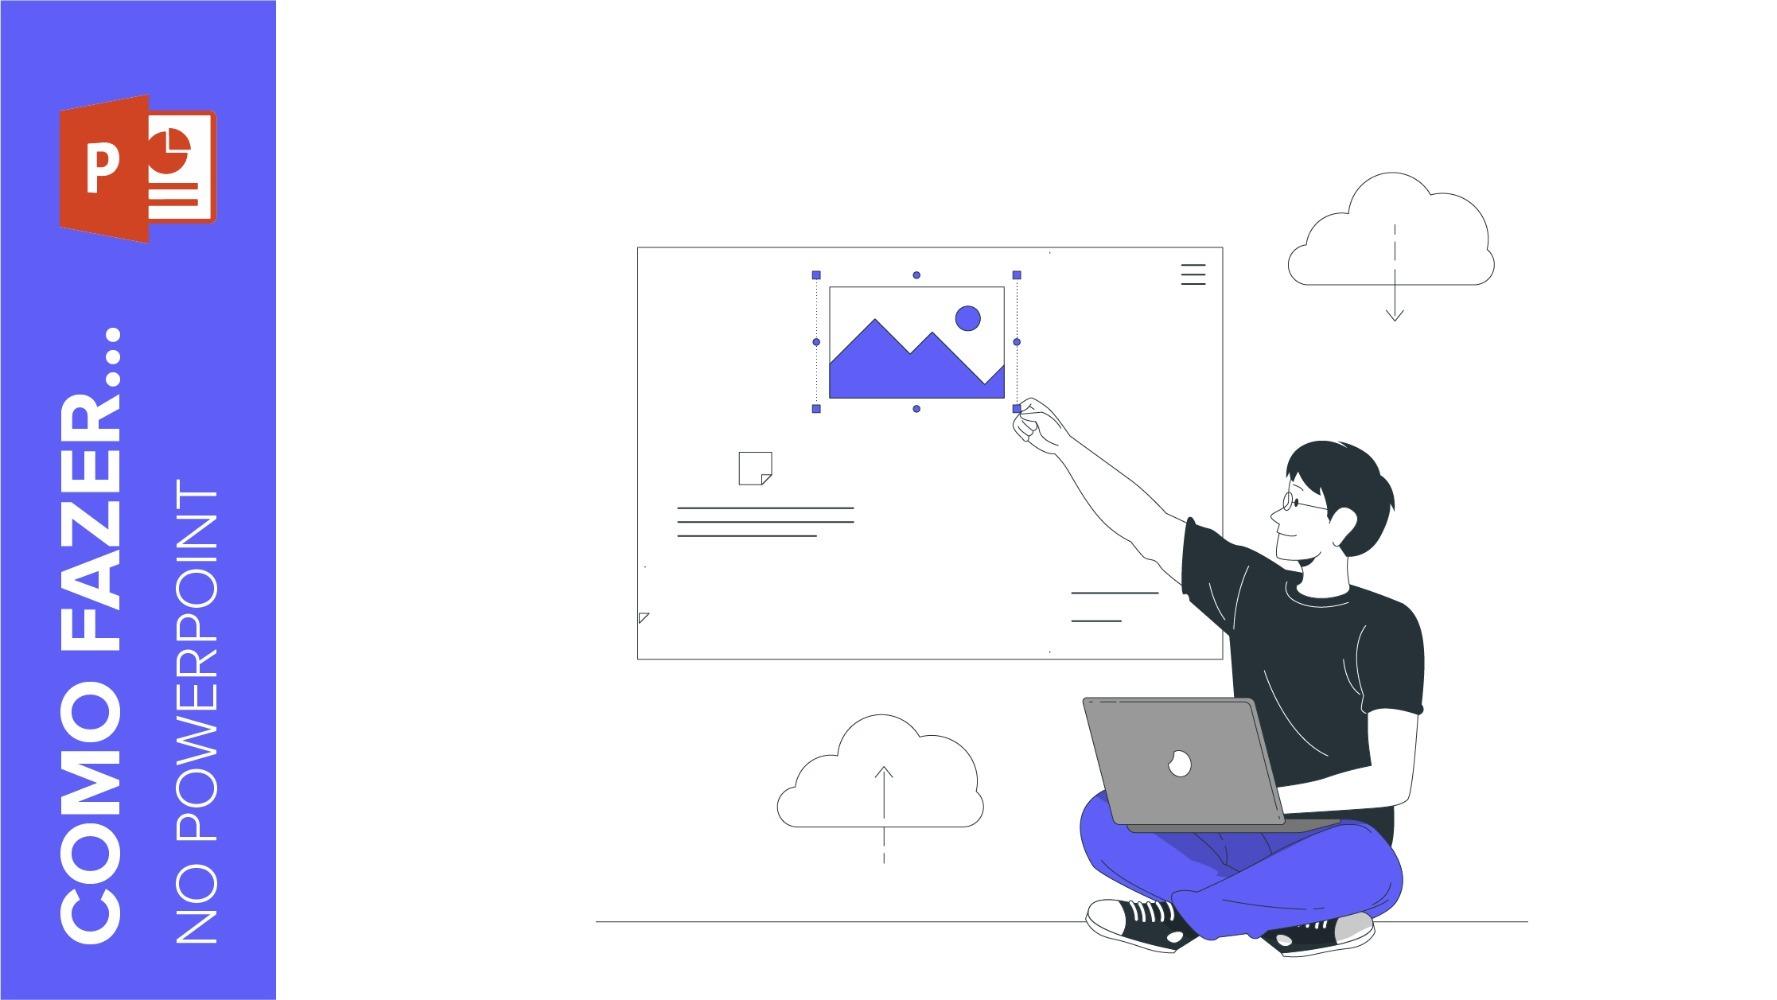 Como trocar a imagem e a cor do plano de fundo no PowerPoint | Tutoriais e Dicas de apresentação